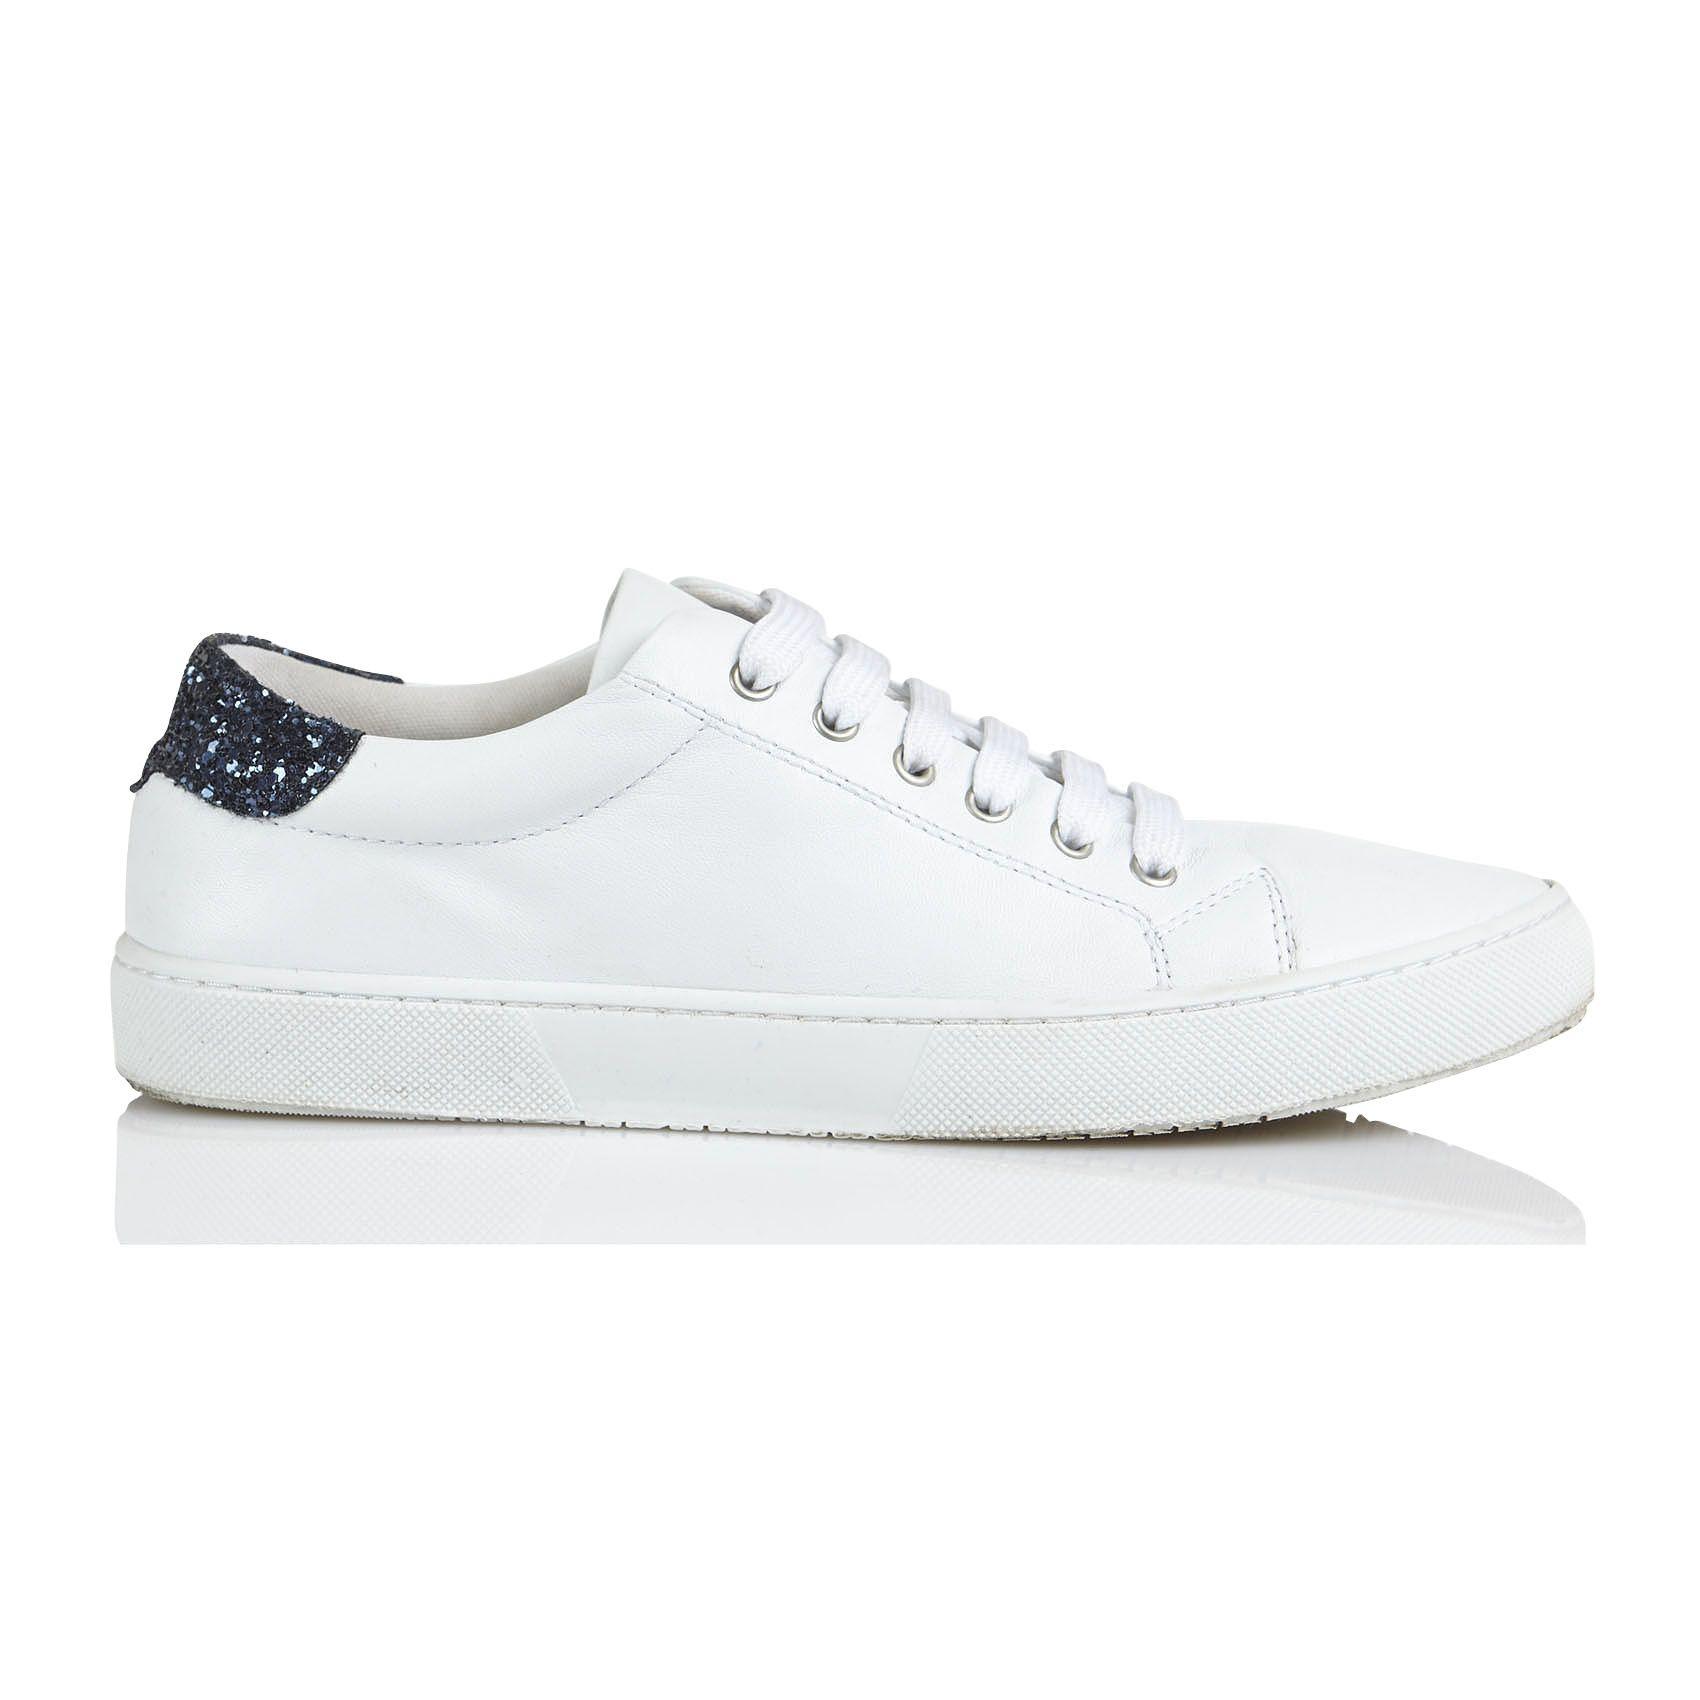 e-boutique baskets en cuir avec paillettes hyper blanc karl marc